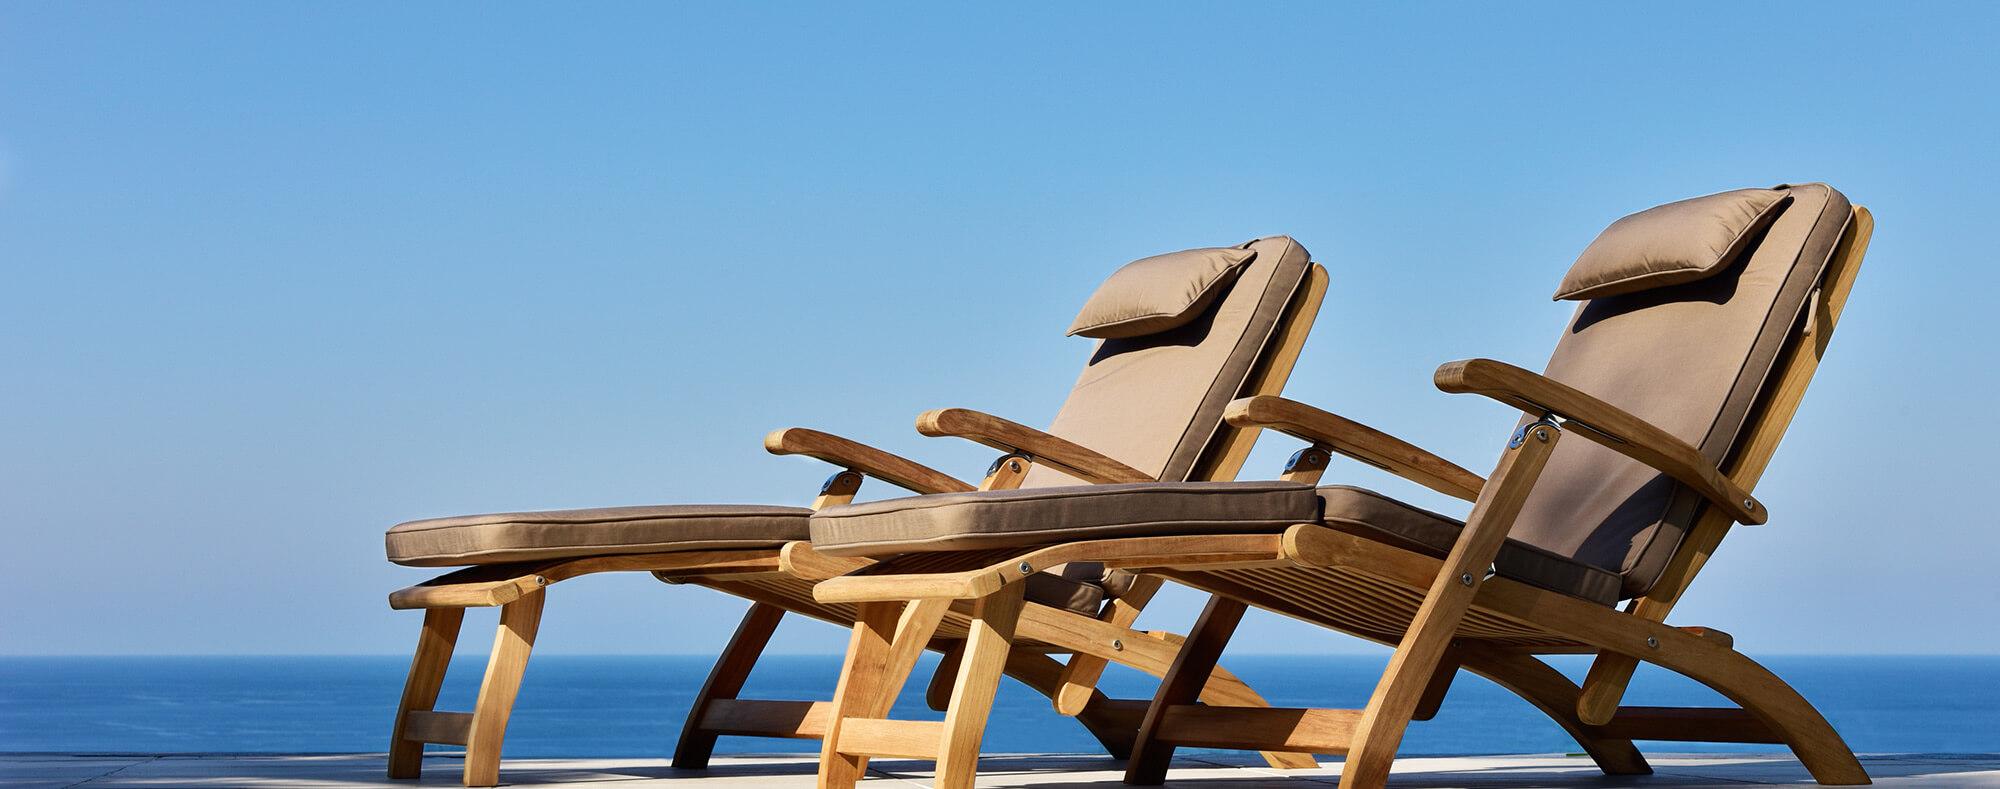 Burnham Steamer Chair luxury classic teak lounge chair